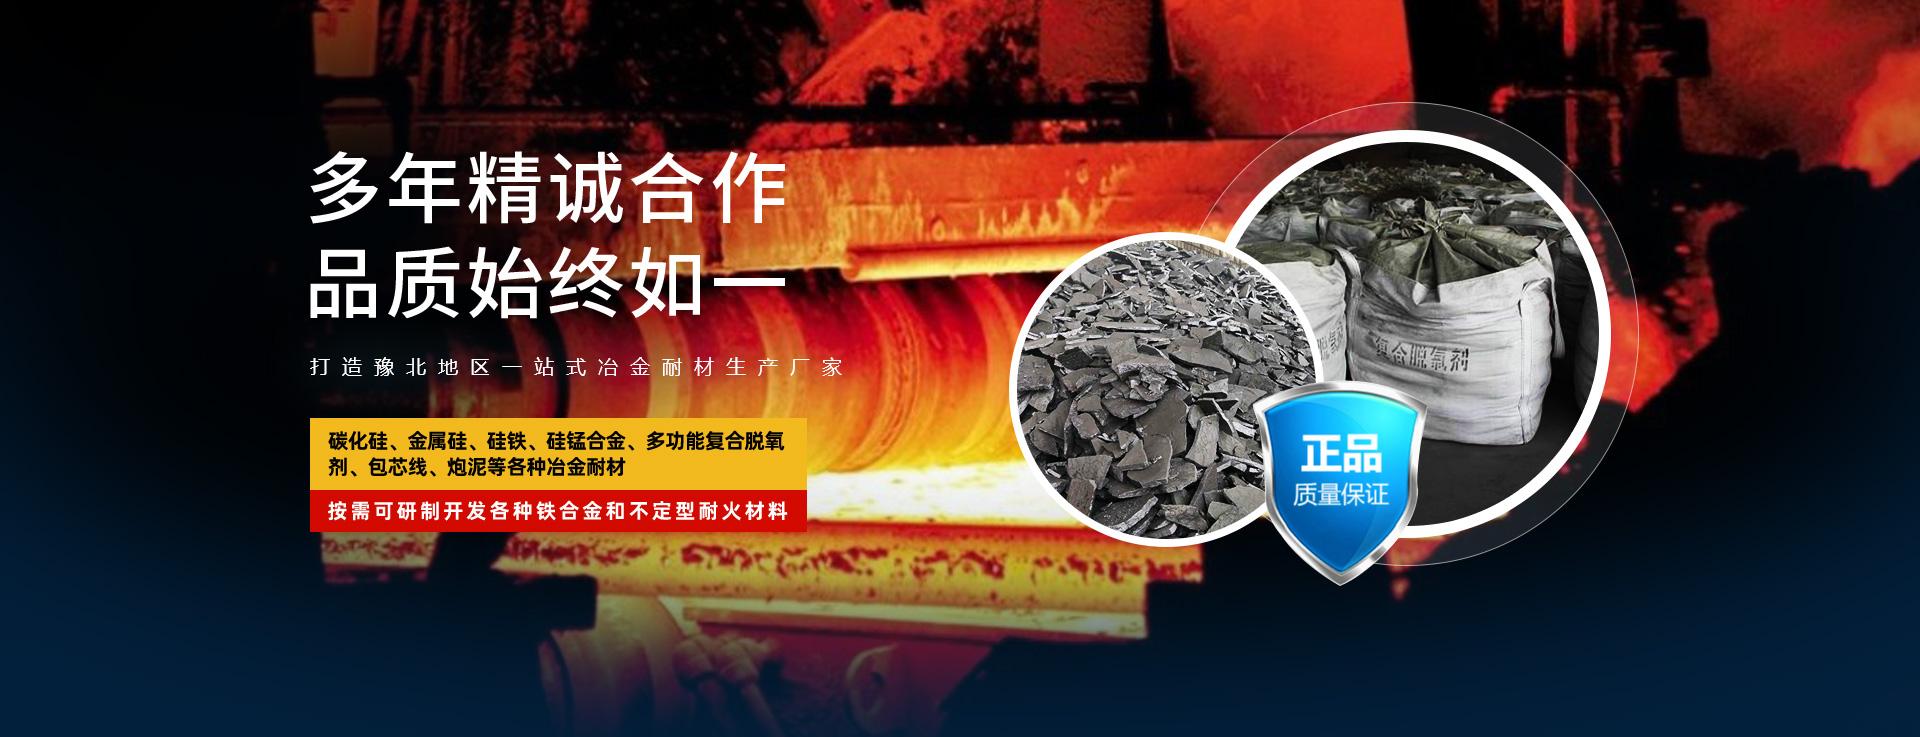 安阳星鑫冶金耐材有限公司_PC